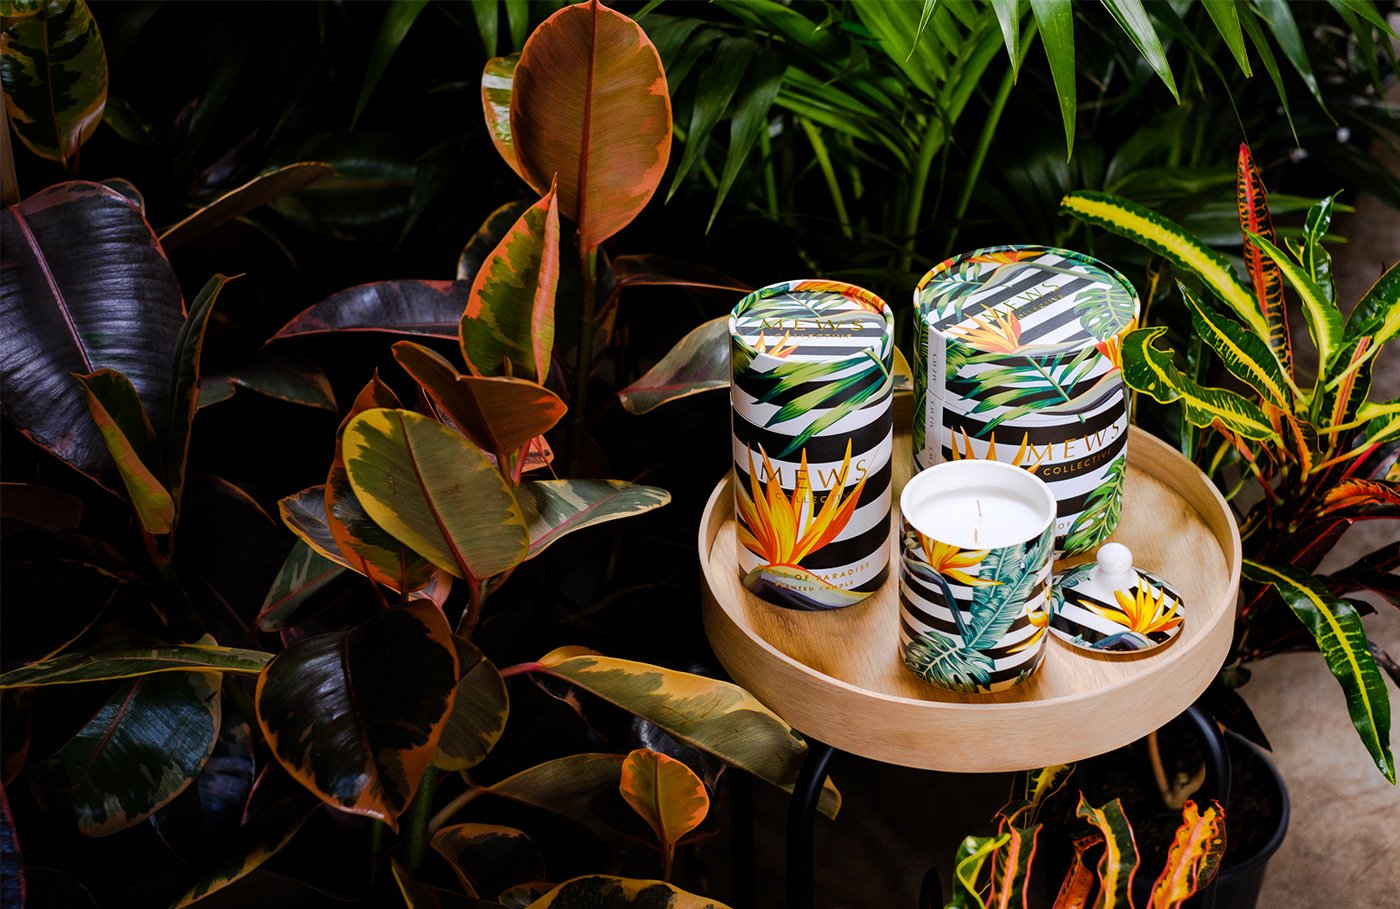 Bộ ảnh hoà mình vào thế giới sắc màu và ngào ngạt hương thơm từ Mews Collective